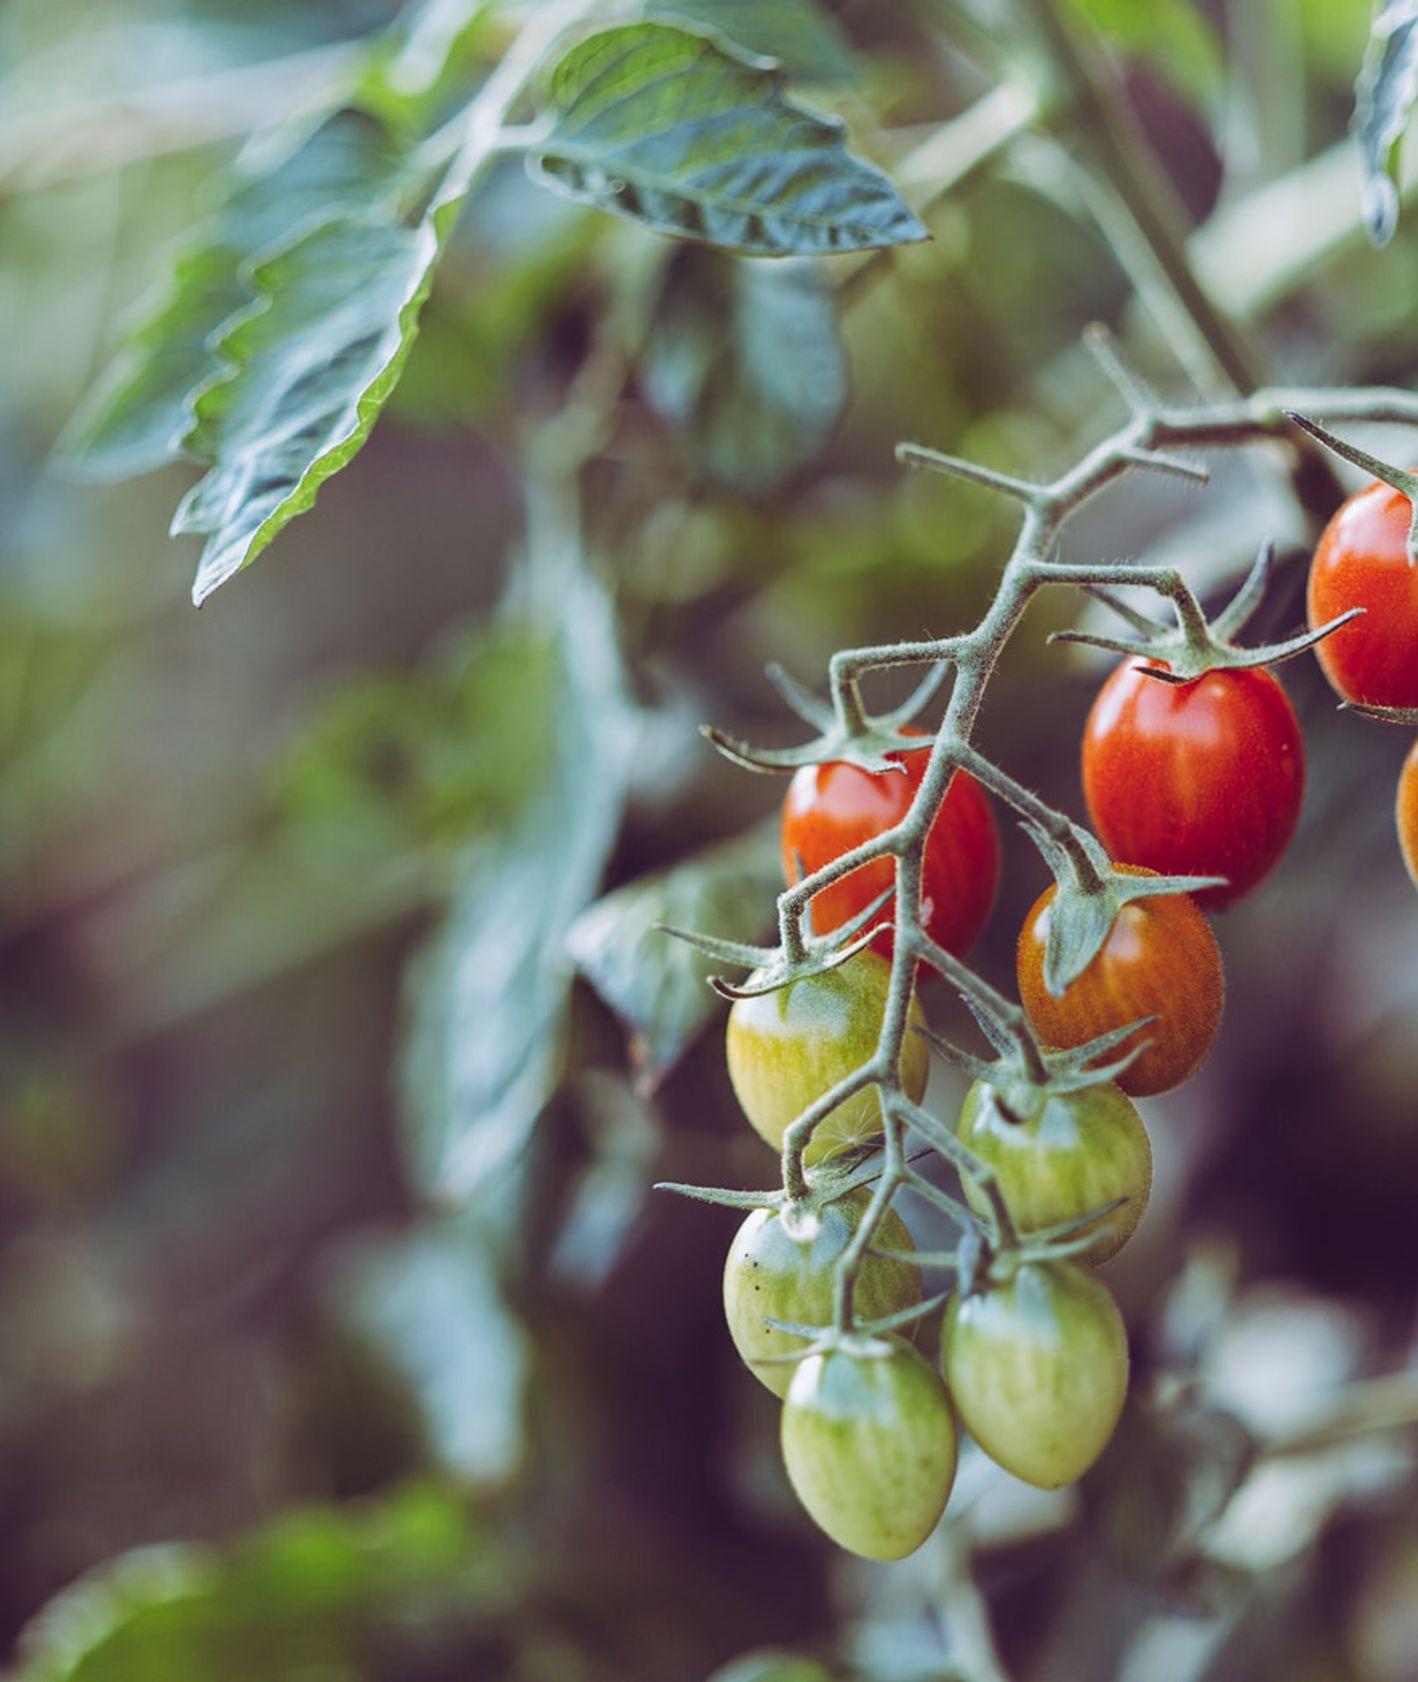 Gałązka z pomidorami (fot. Markus Spiske)